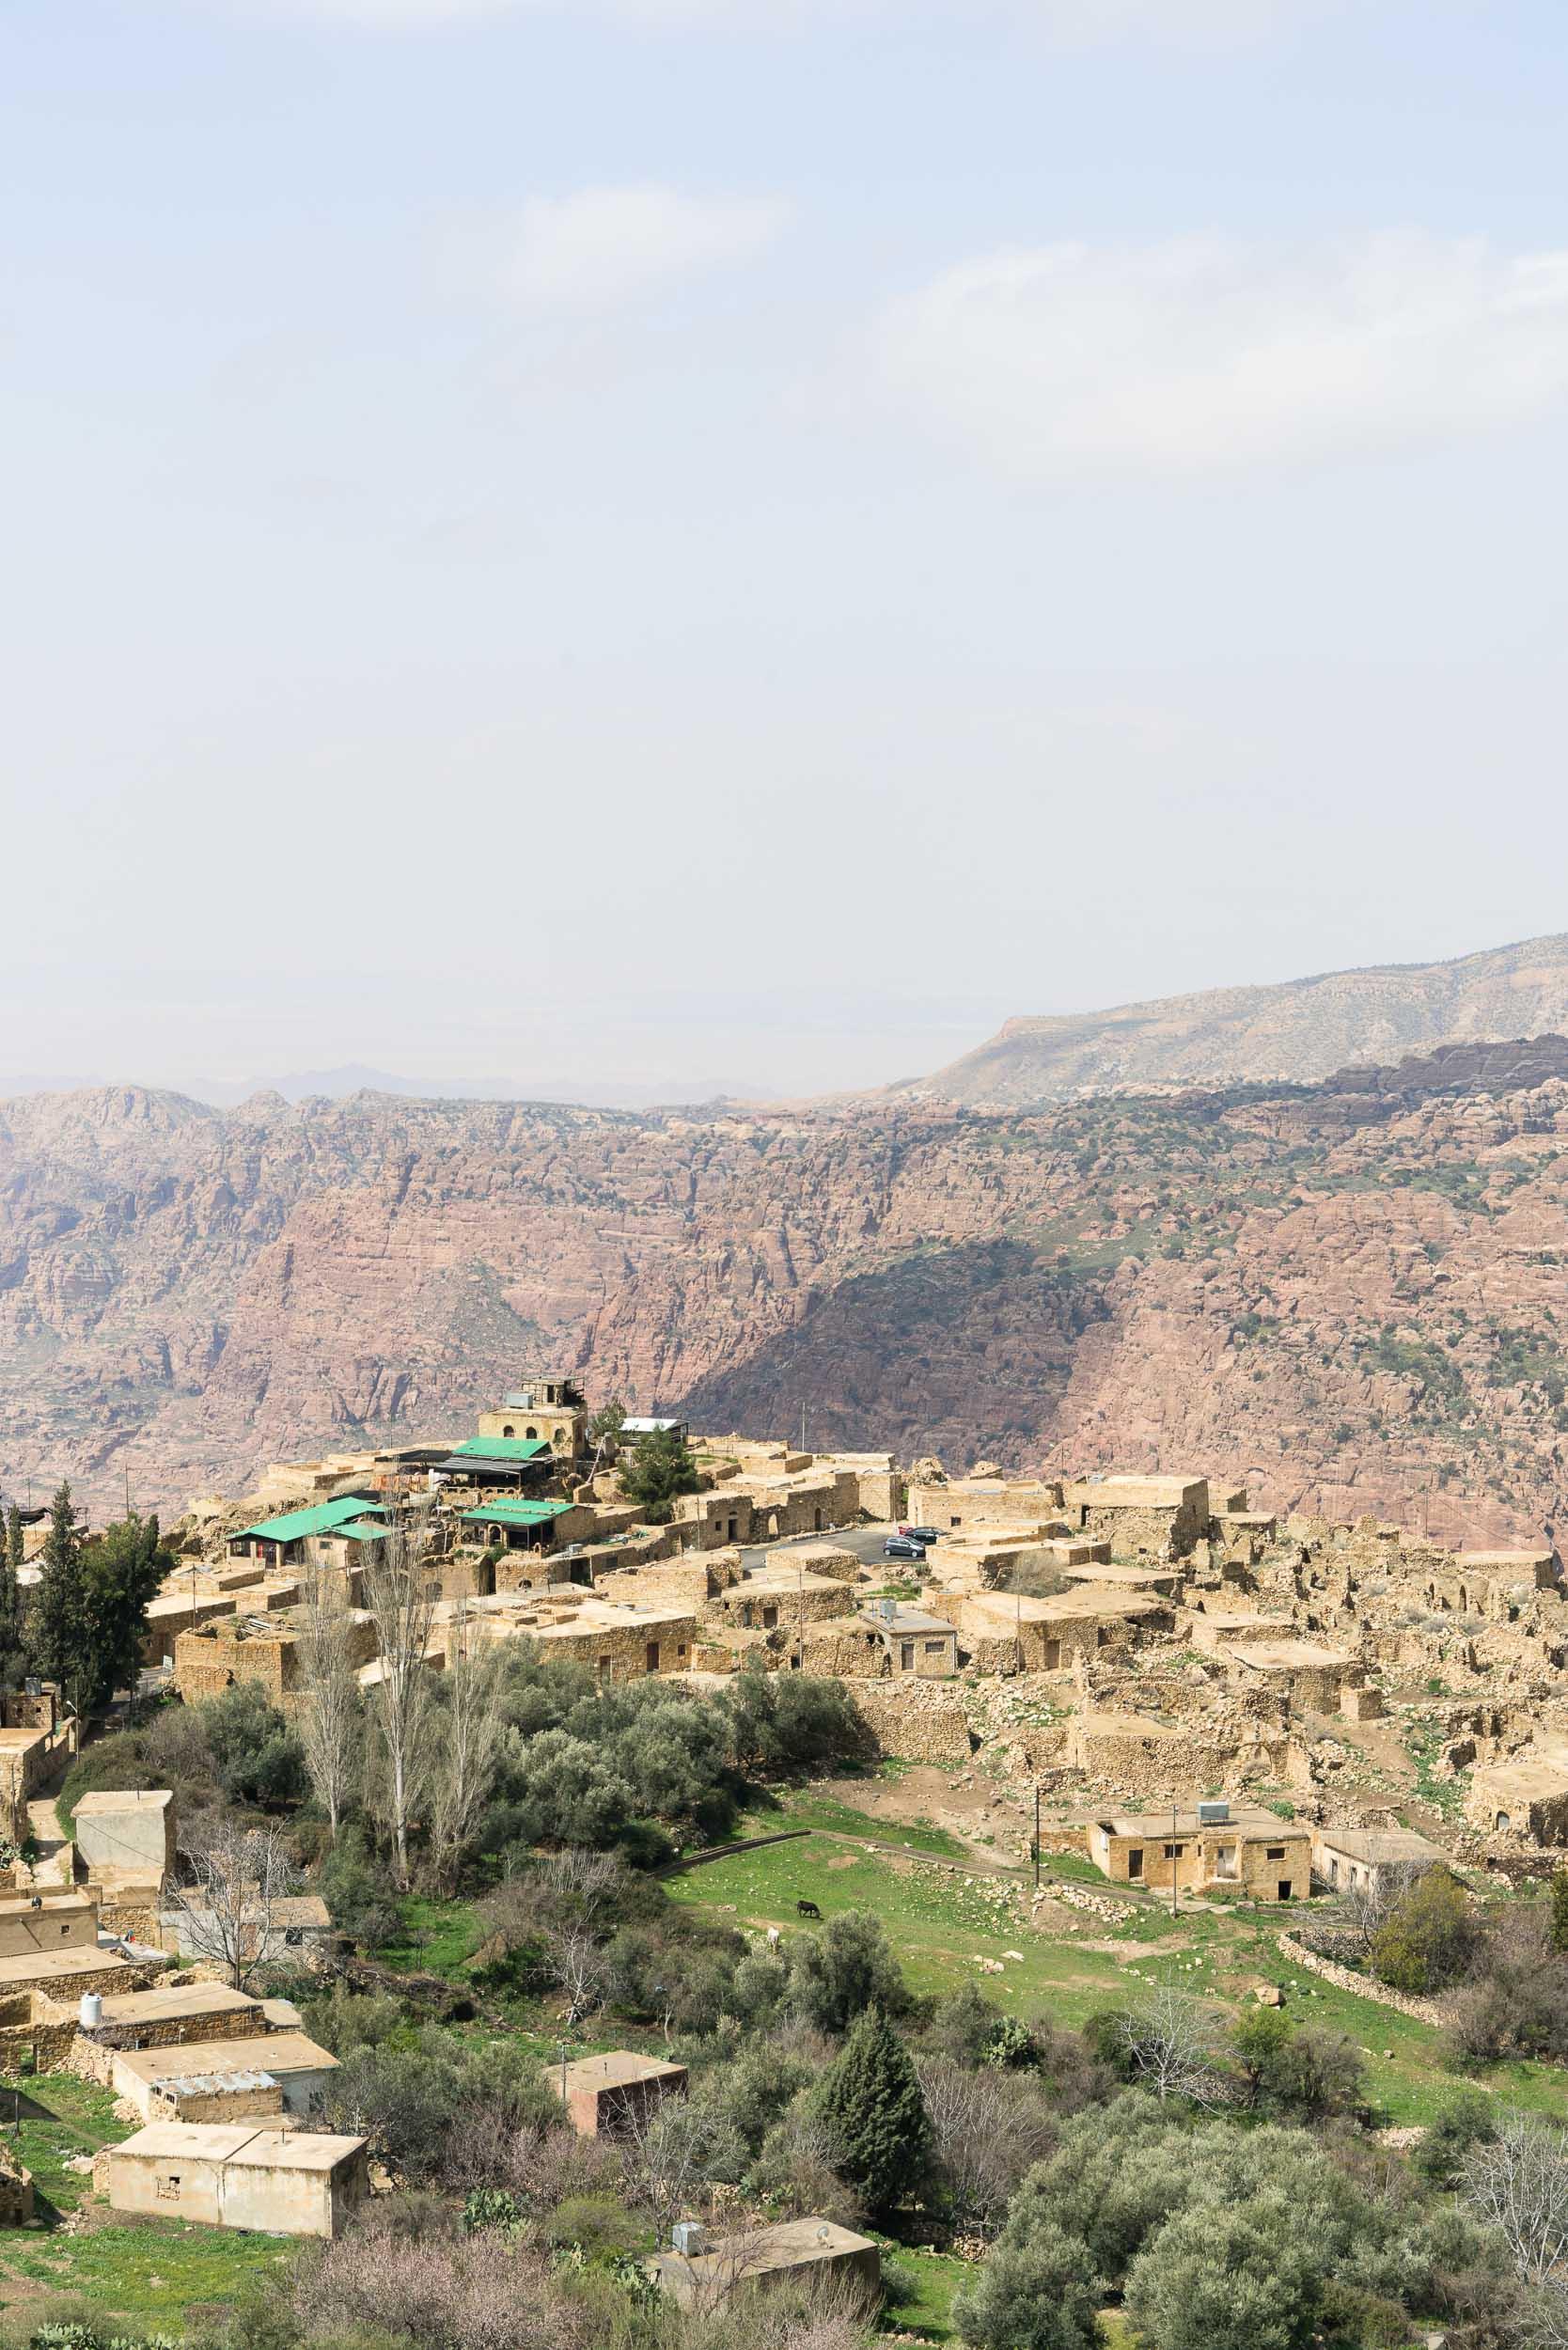 the_getaway_edit_jordan_dana_biosphere-26.jpg